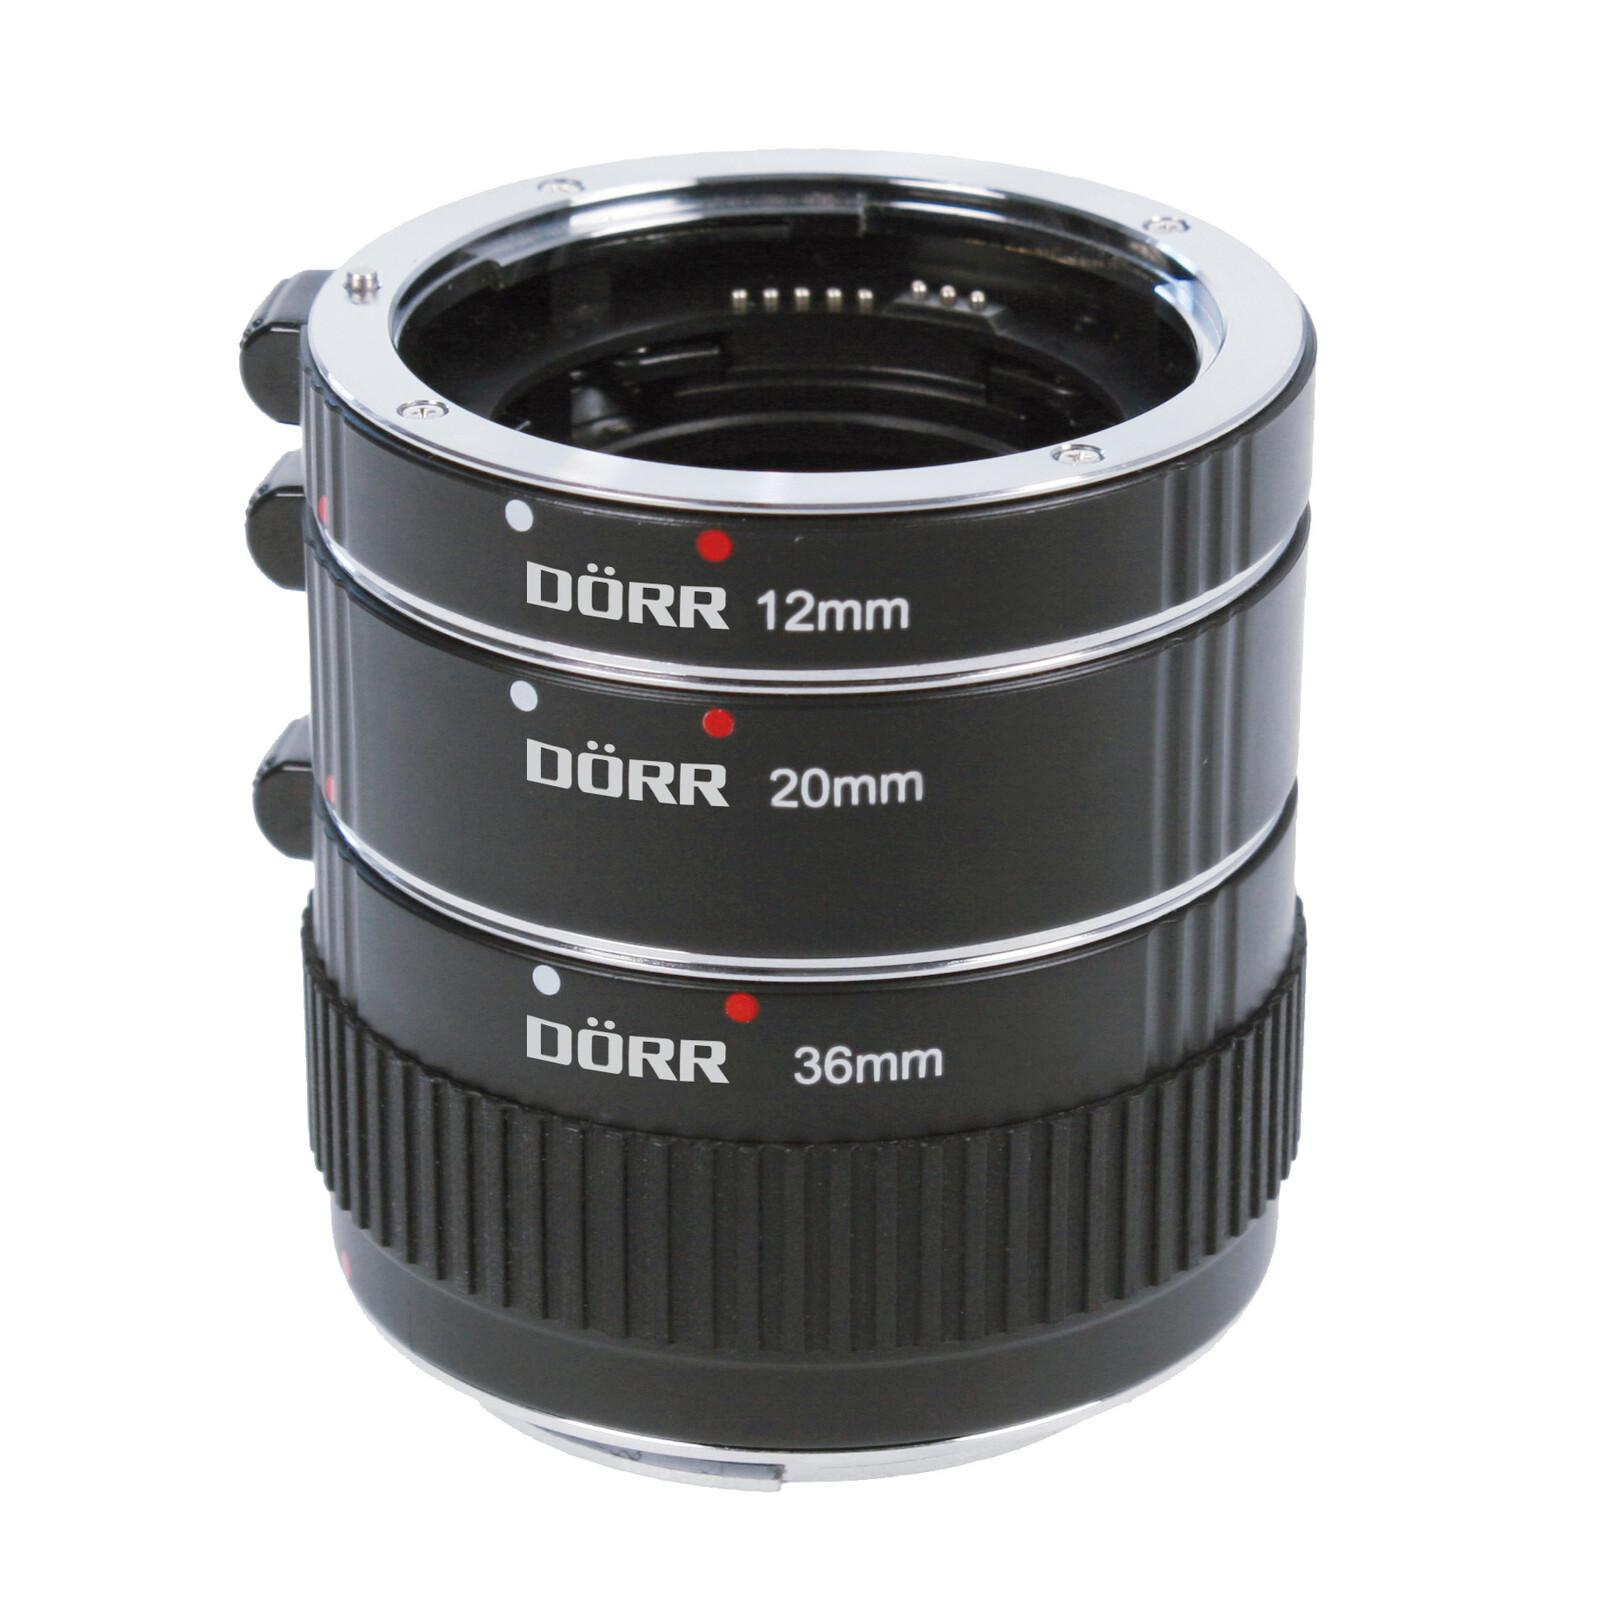 Dörr Zwischenringsatz Nikon AF 12/20/36mm